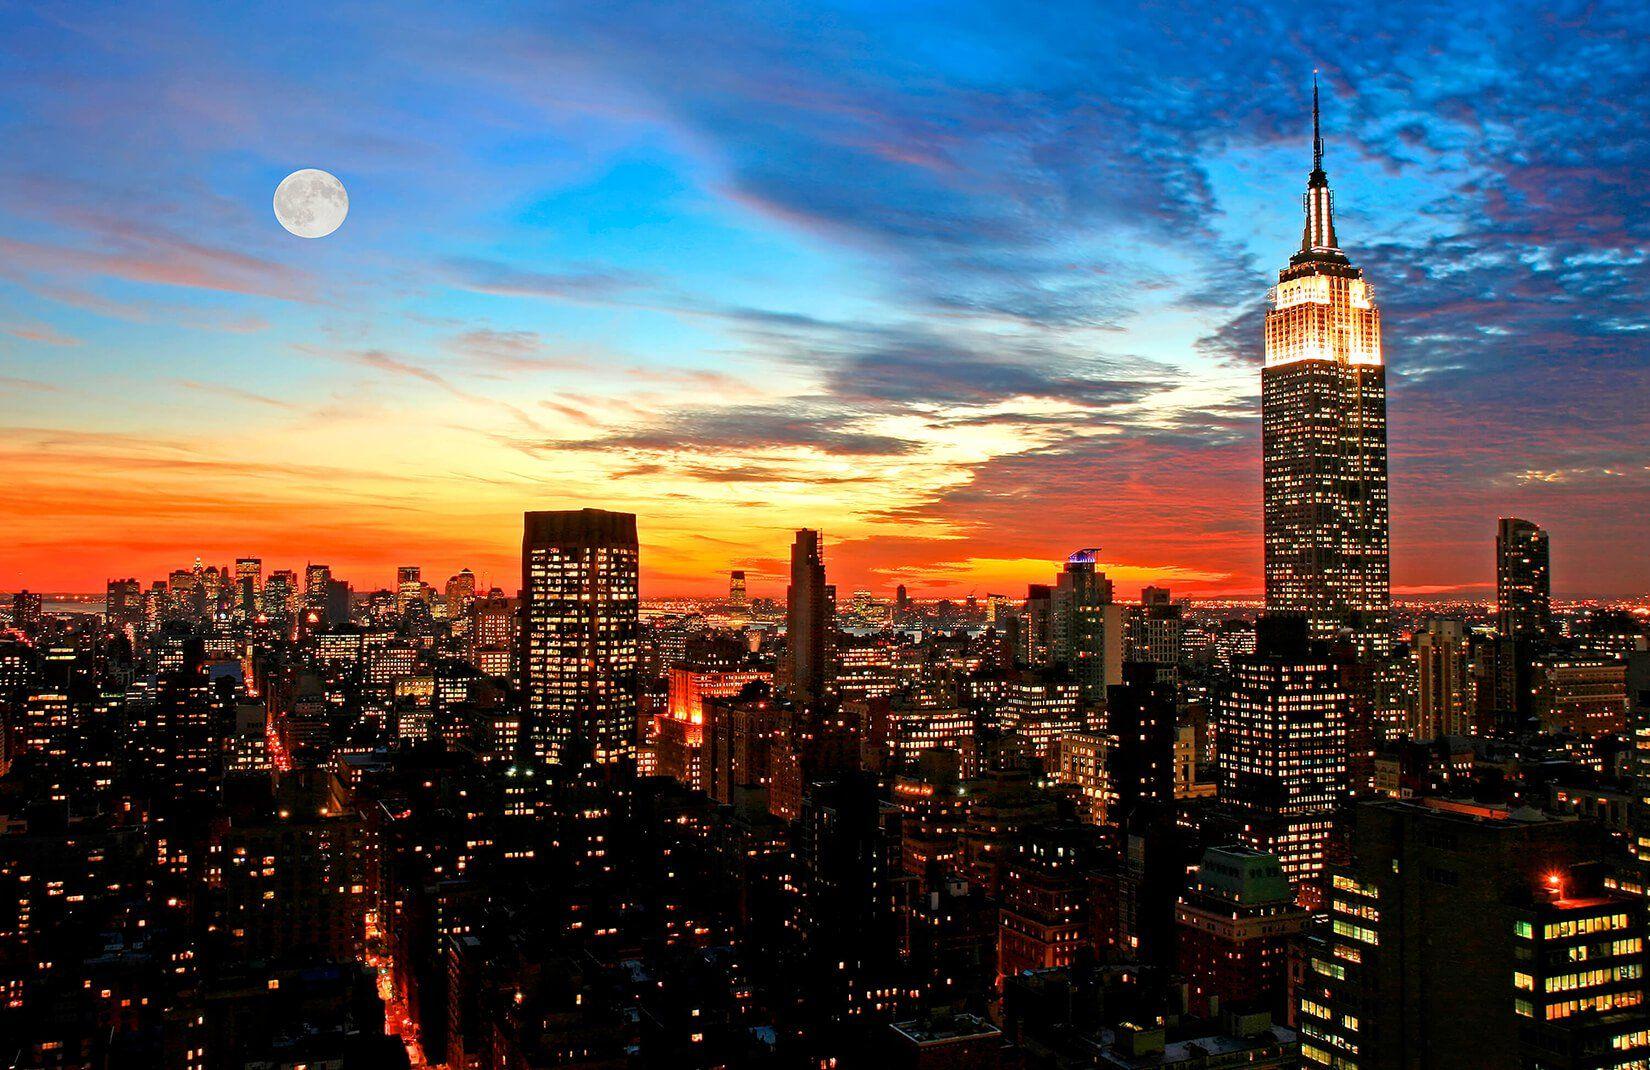 New York Sunset Wallpaper Mural Murals Wallpaper In 2021 Sunset City New York Sunset City Landscape